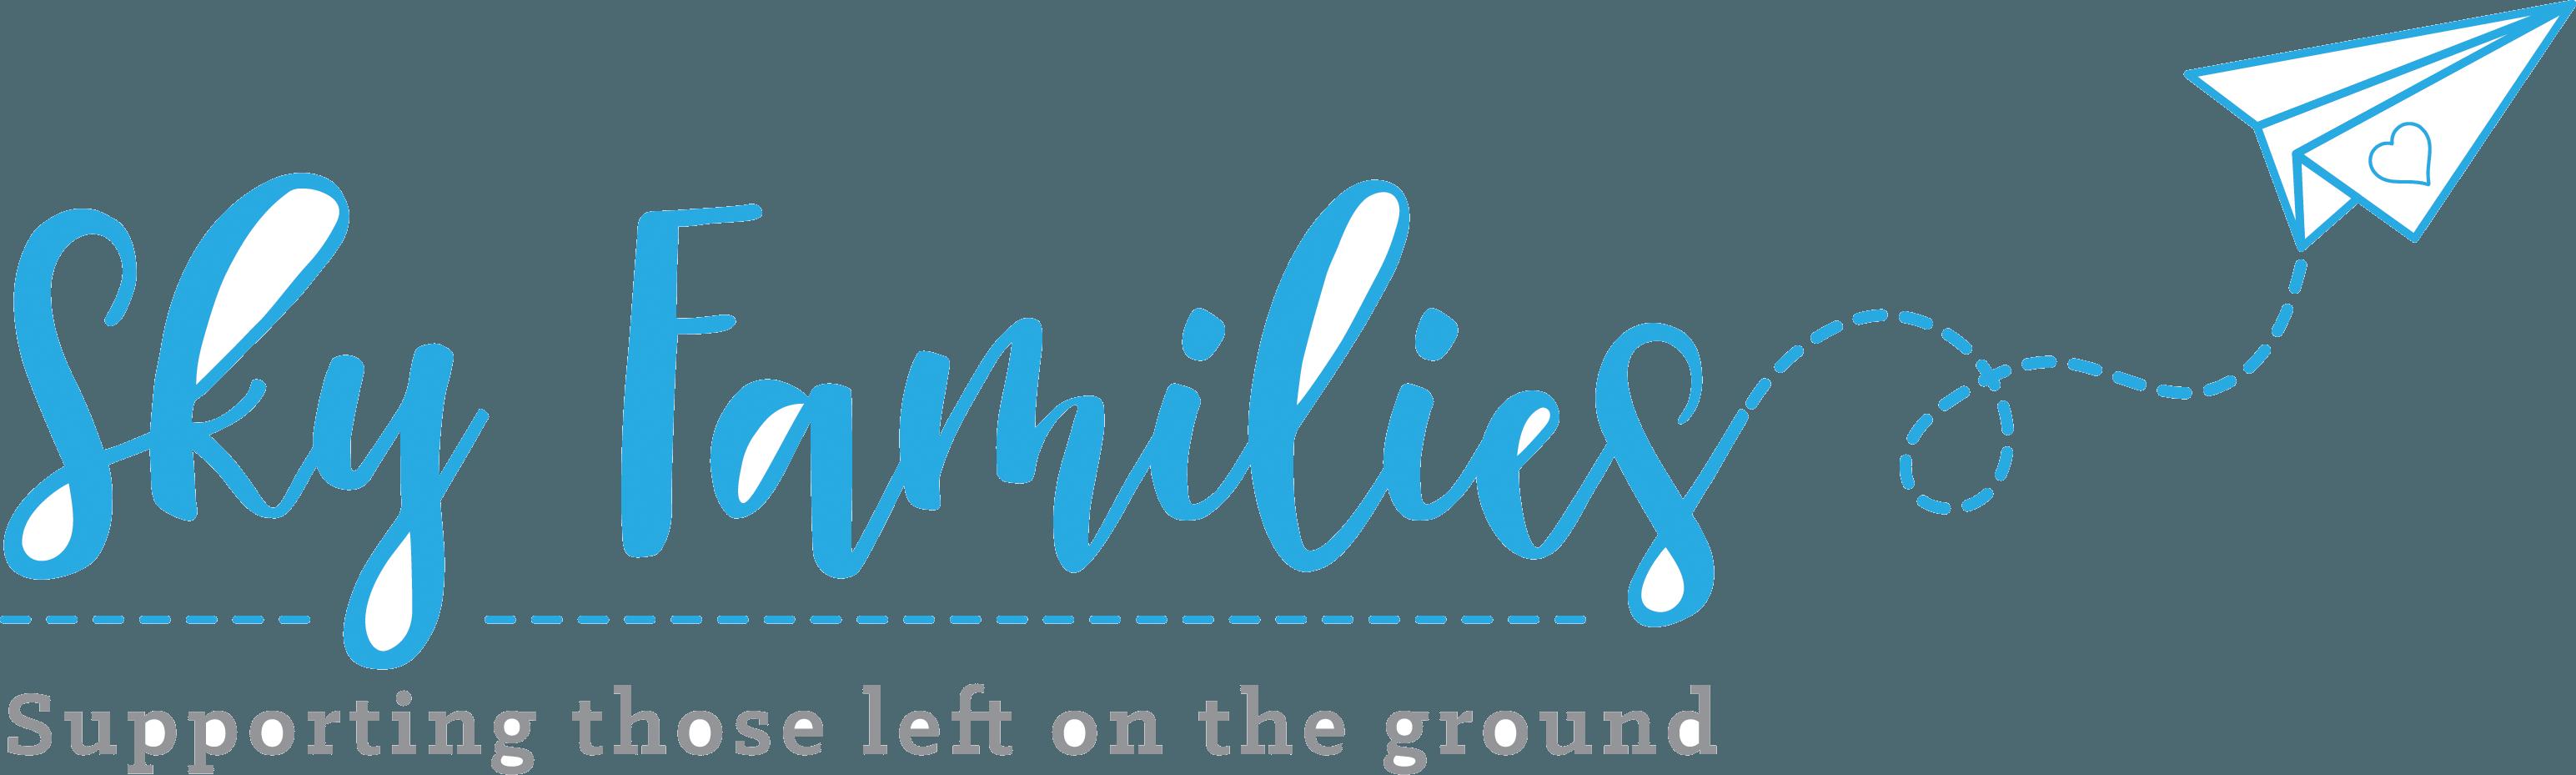 skyfamilies.com